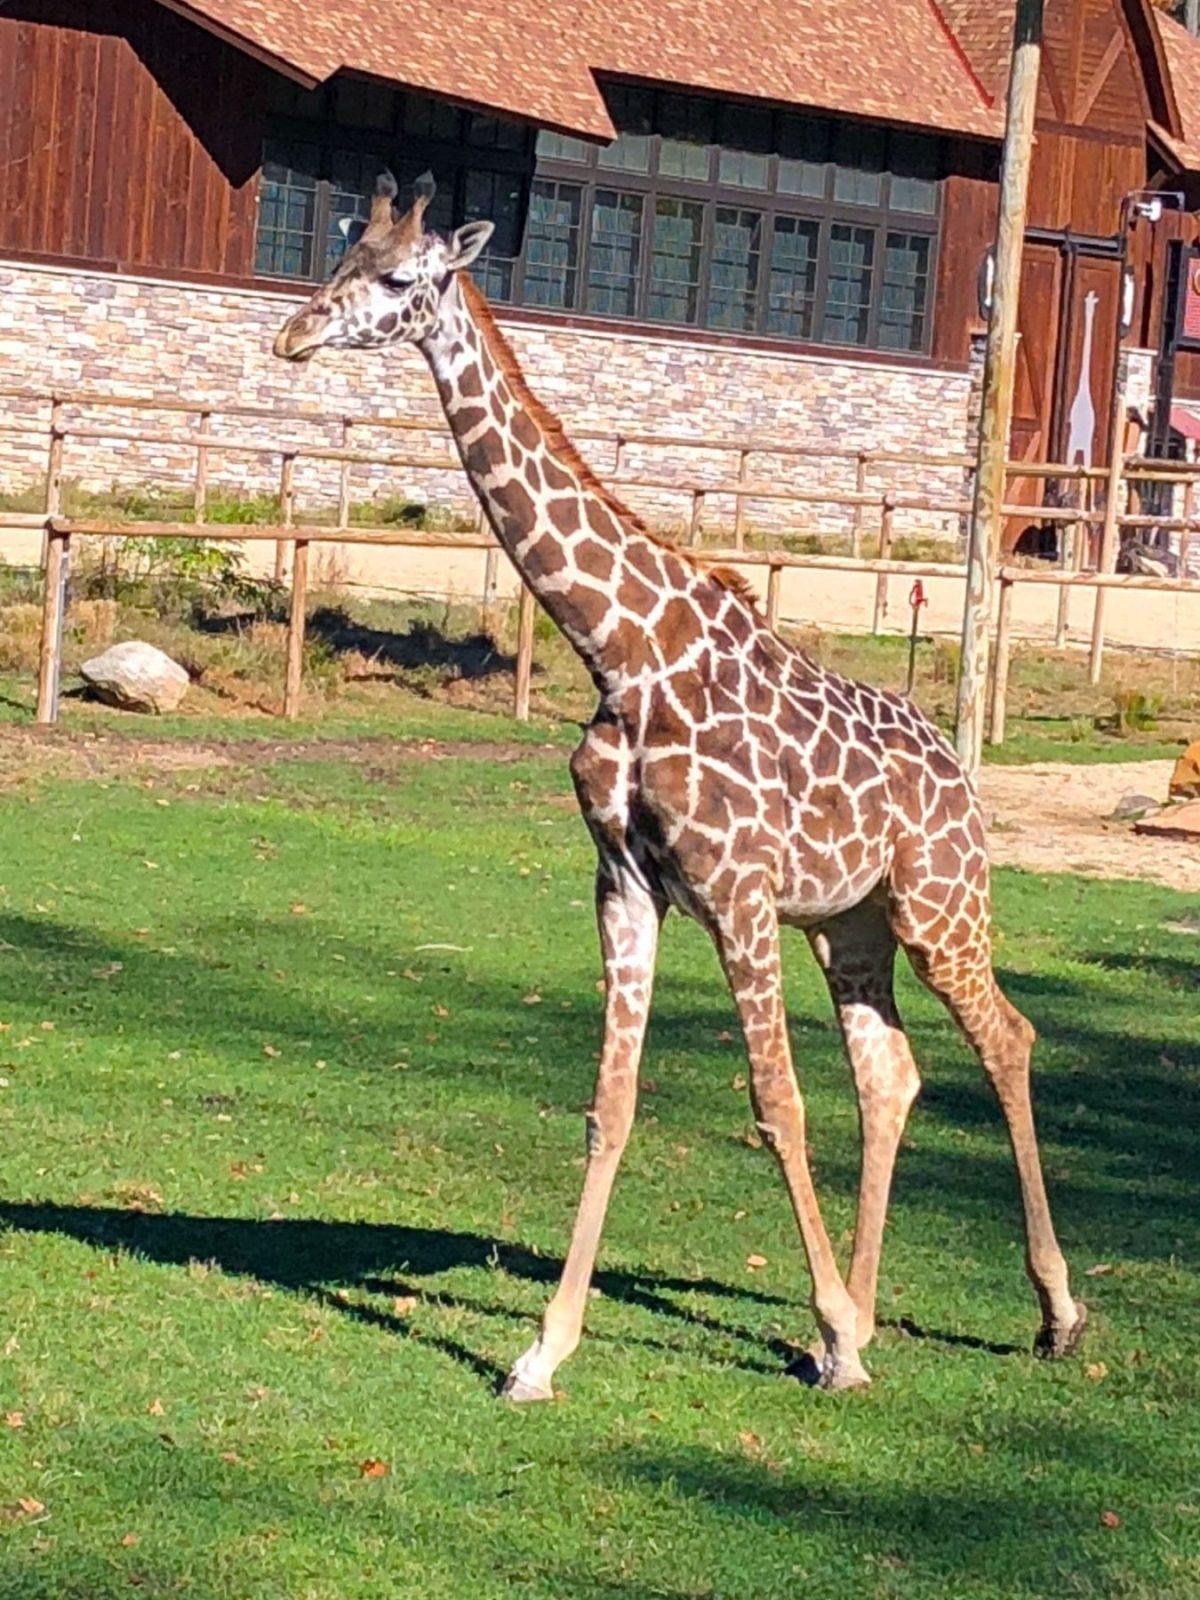 dufoe_southmountain_zoo